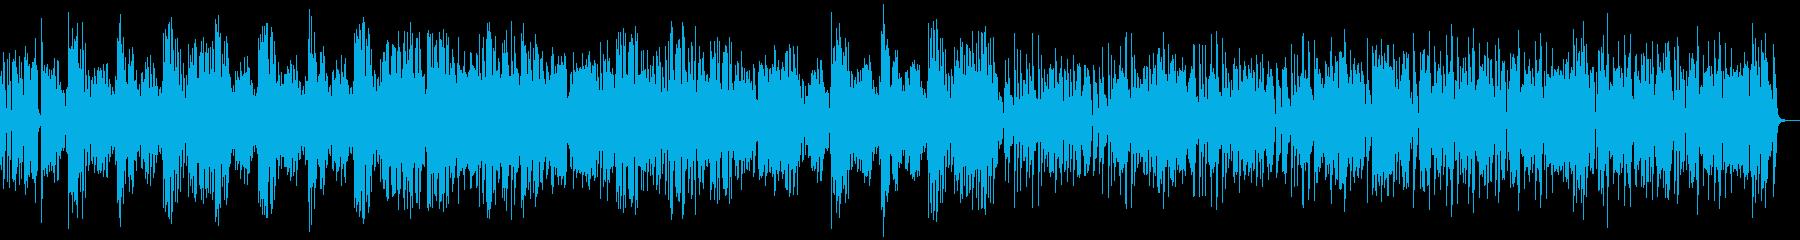 ジ・エンターテイナー【ピアノ名曲】の再生済みの波形